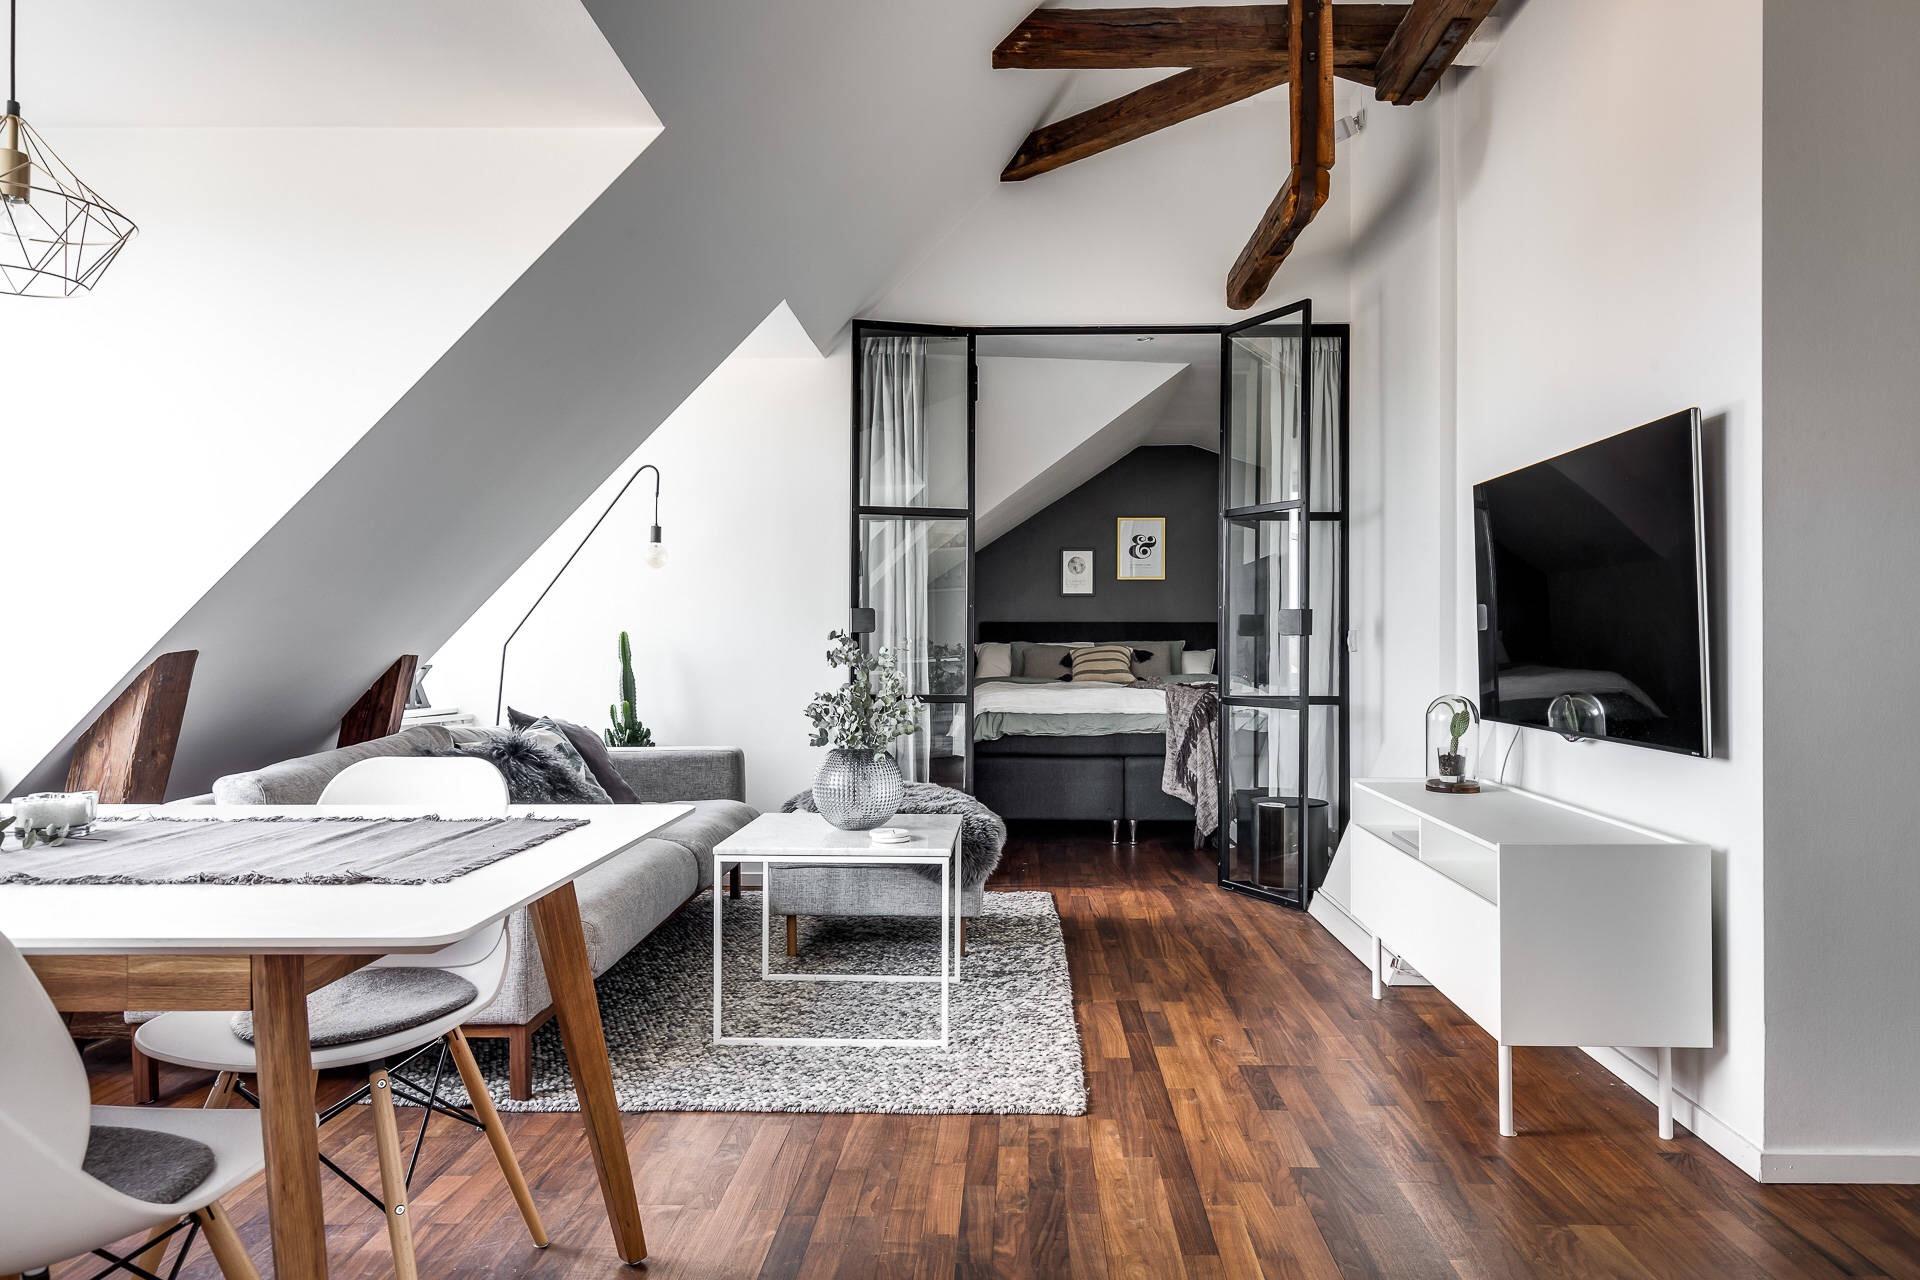 мансарда гостиная диван телевизор сварная стеклянная перегородка спальня